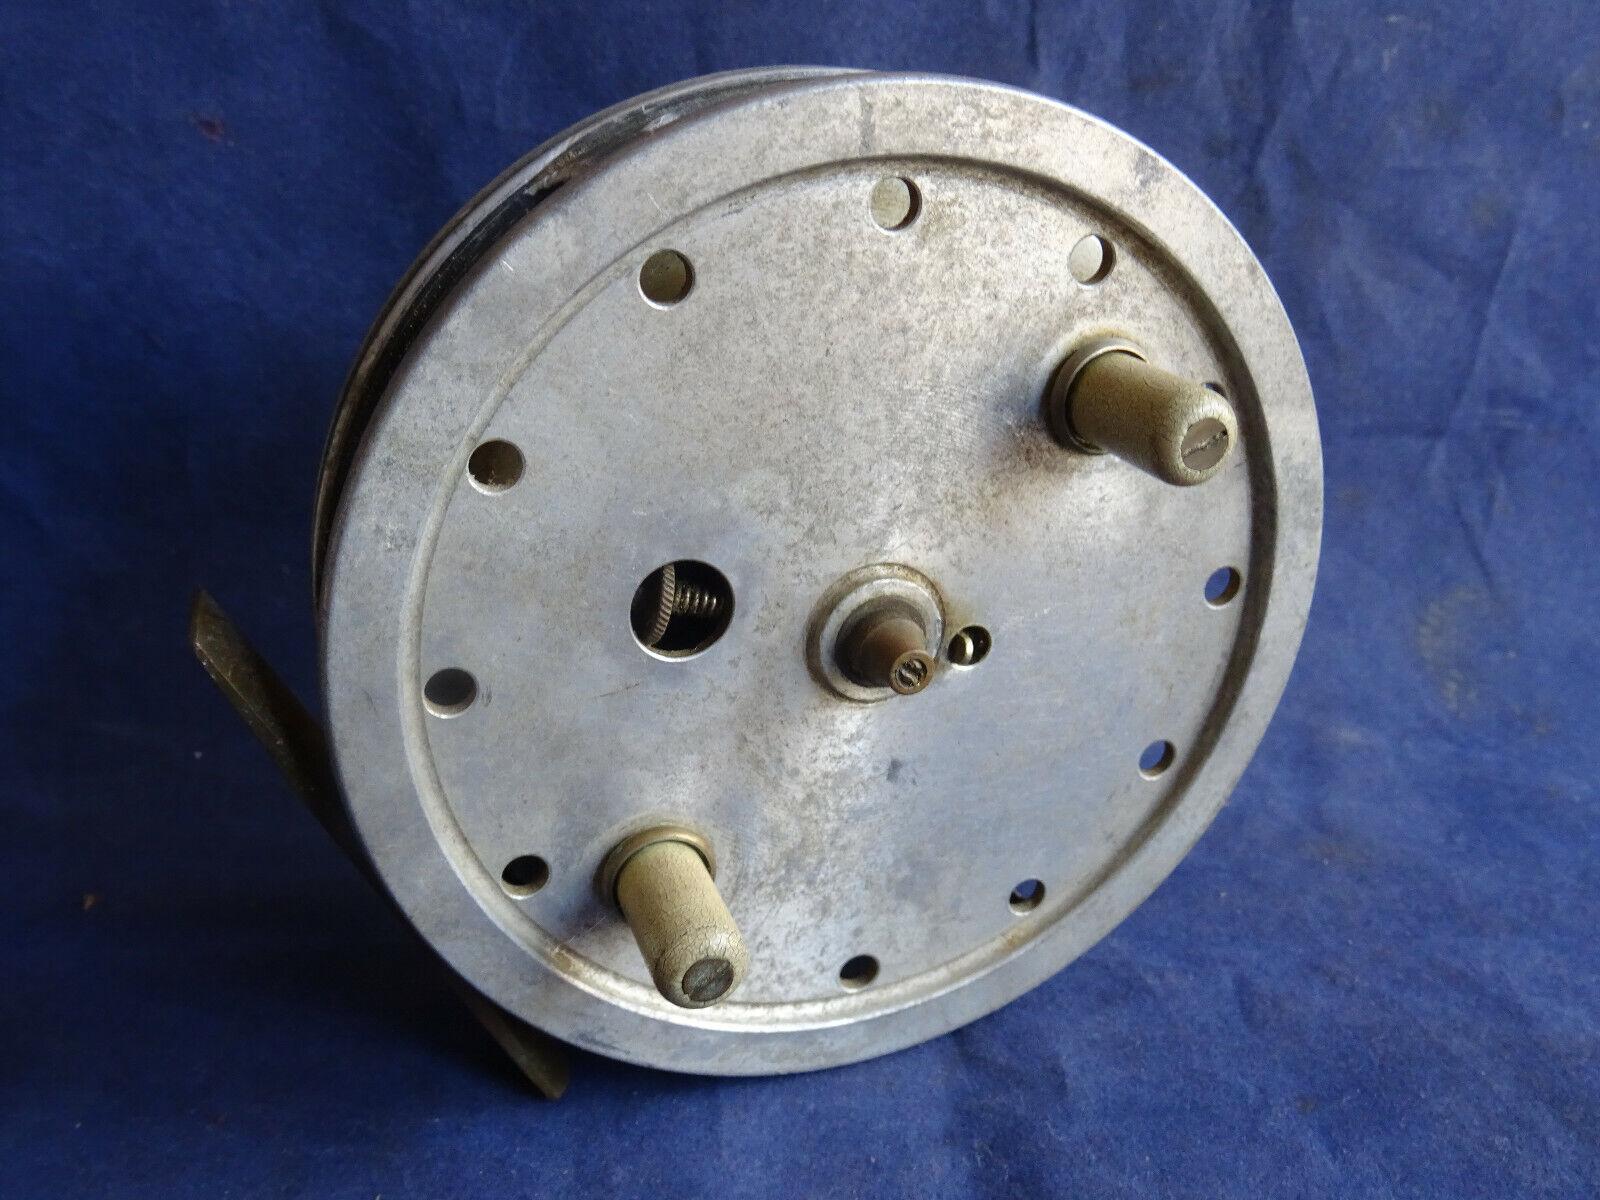 Un ottimo vintage modarcom snapham 4 18 modellololo 12 Centrepin